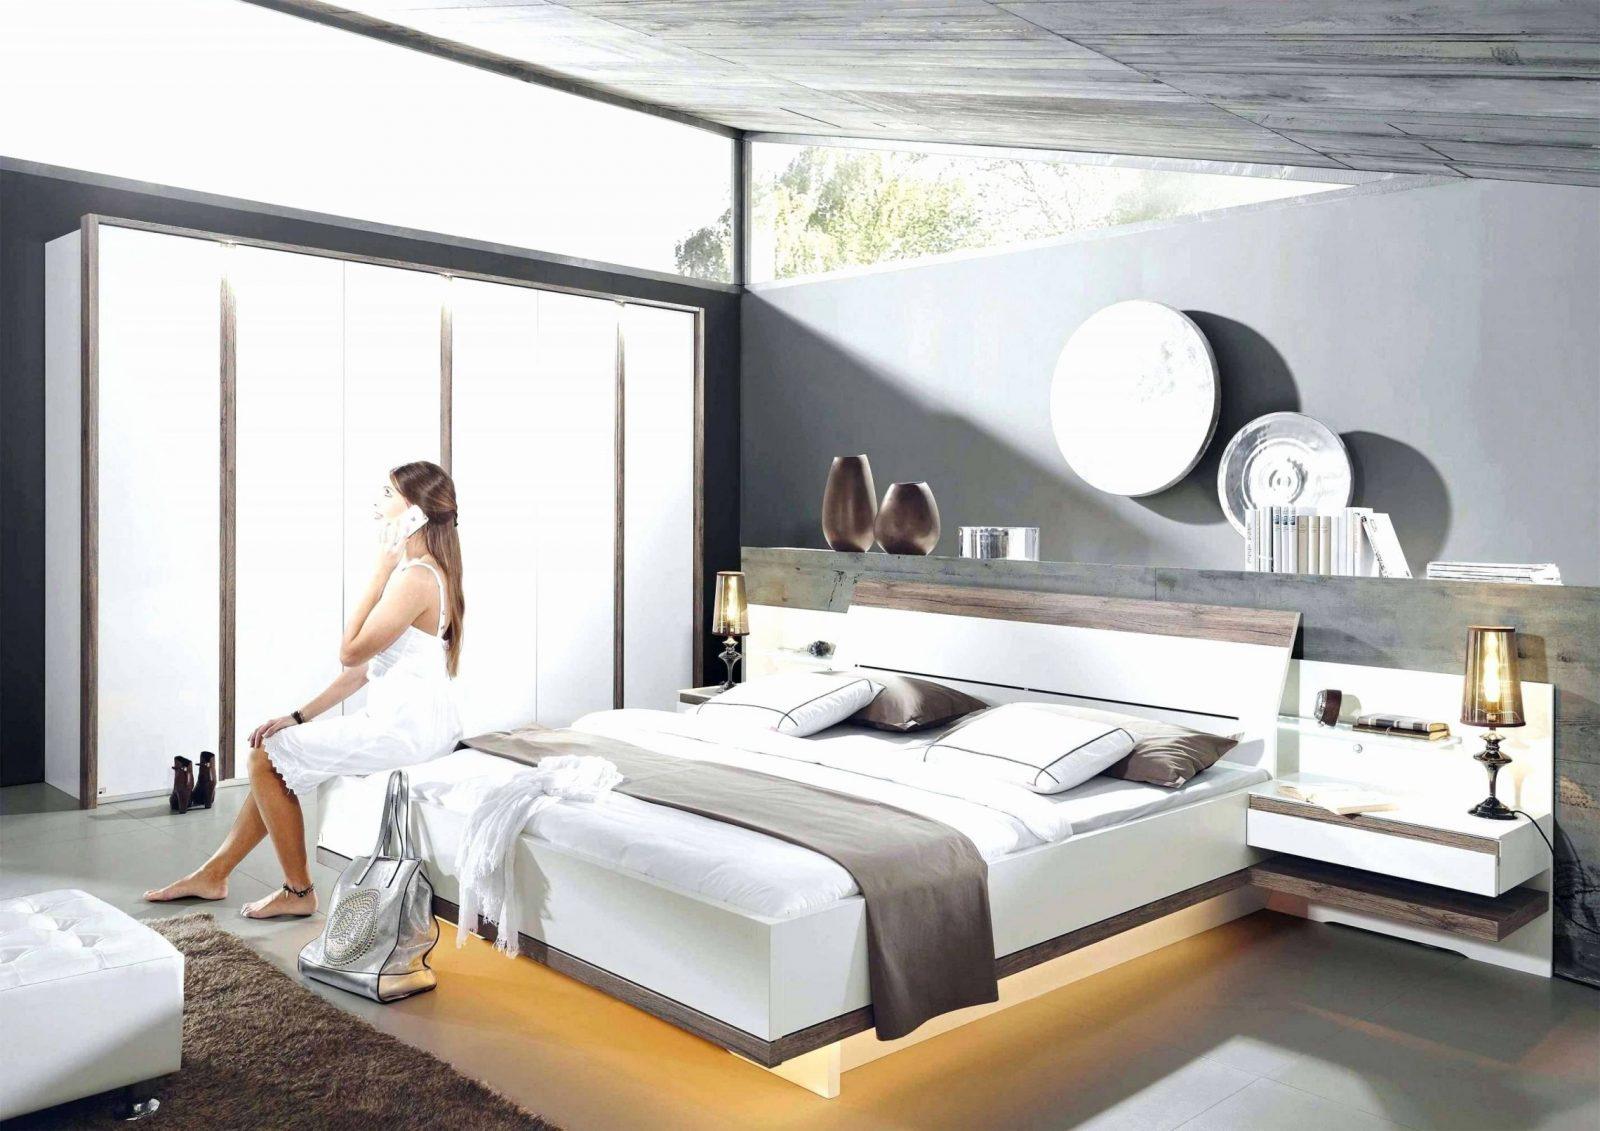 29 Inspirierend Bilder Von Bett Kopfteil Holz Selber Bauen Kopfteil von Bett Aus Holz Selber Bauen Bild